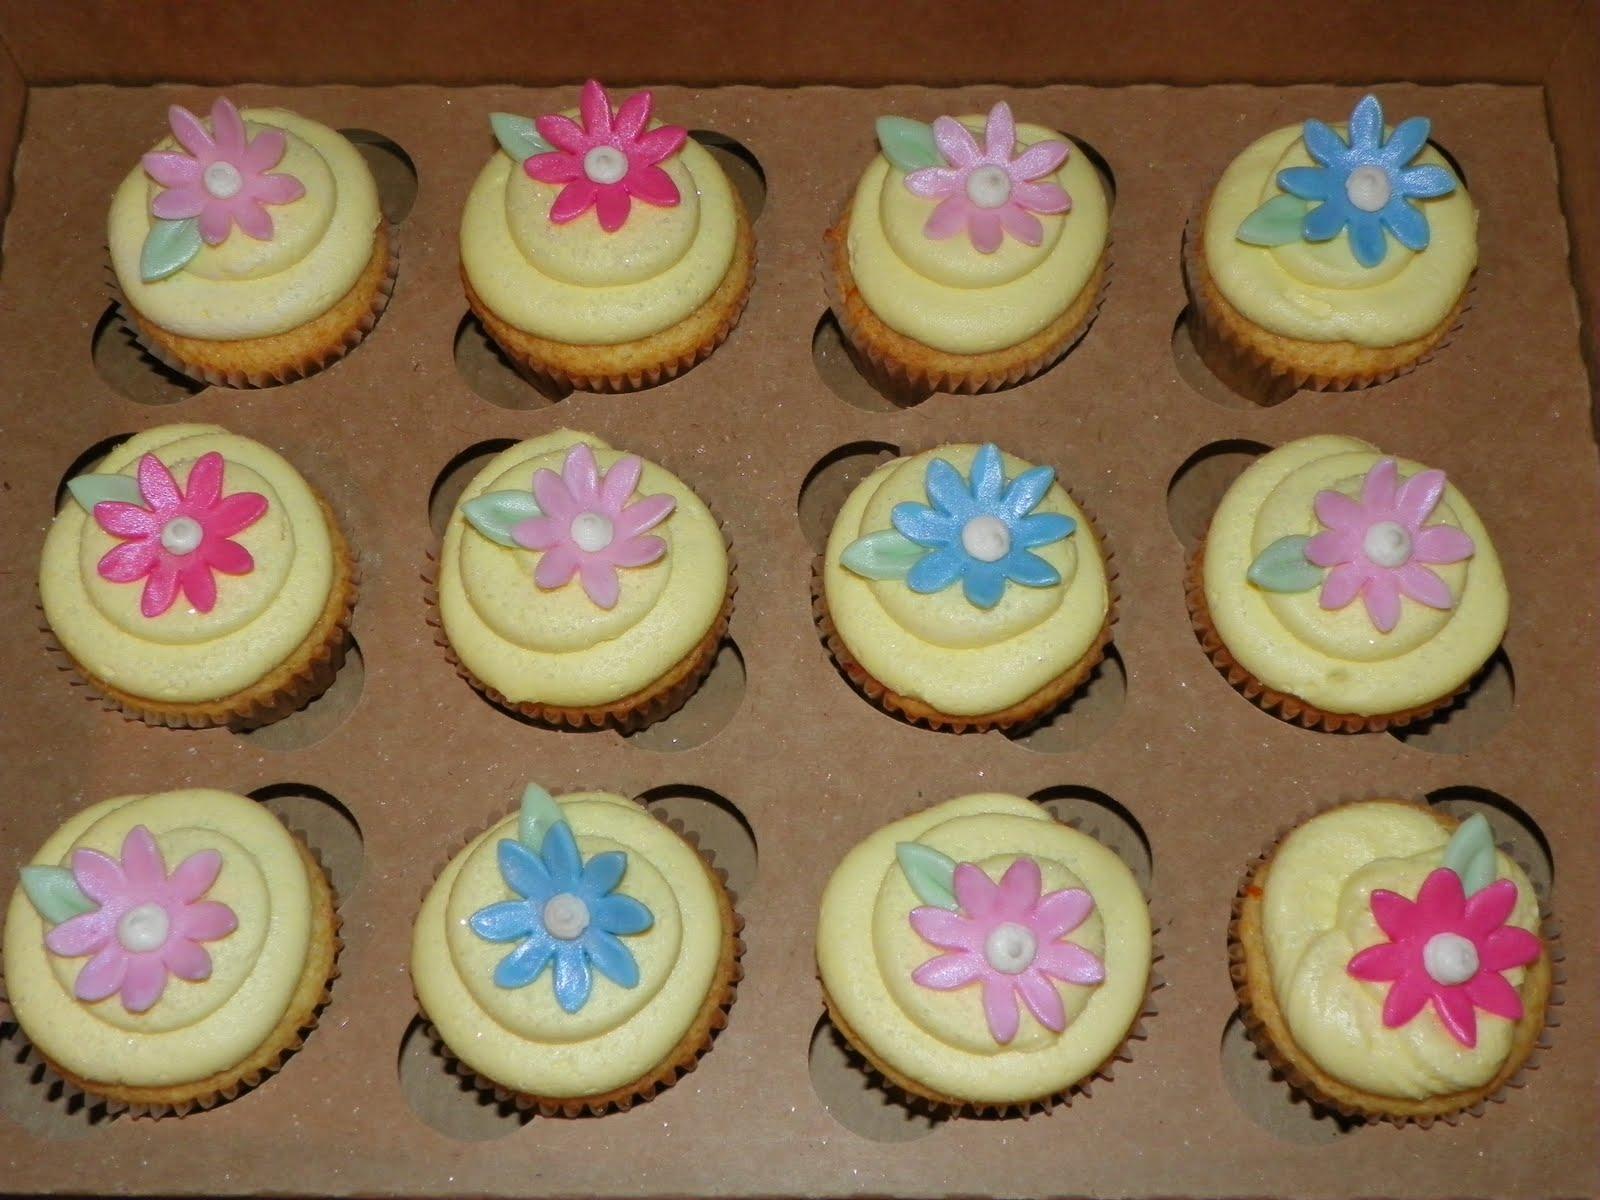 Plumeria Cake Studio: March 2011